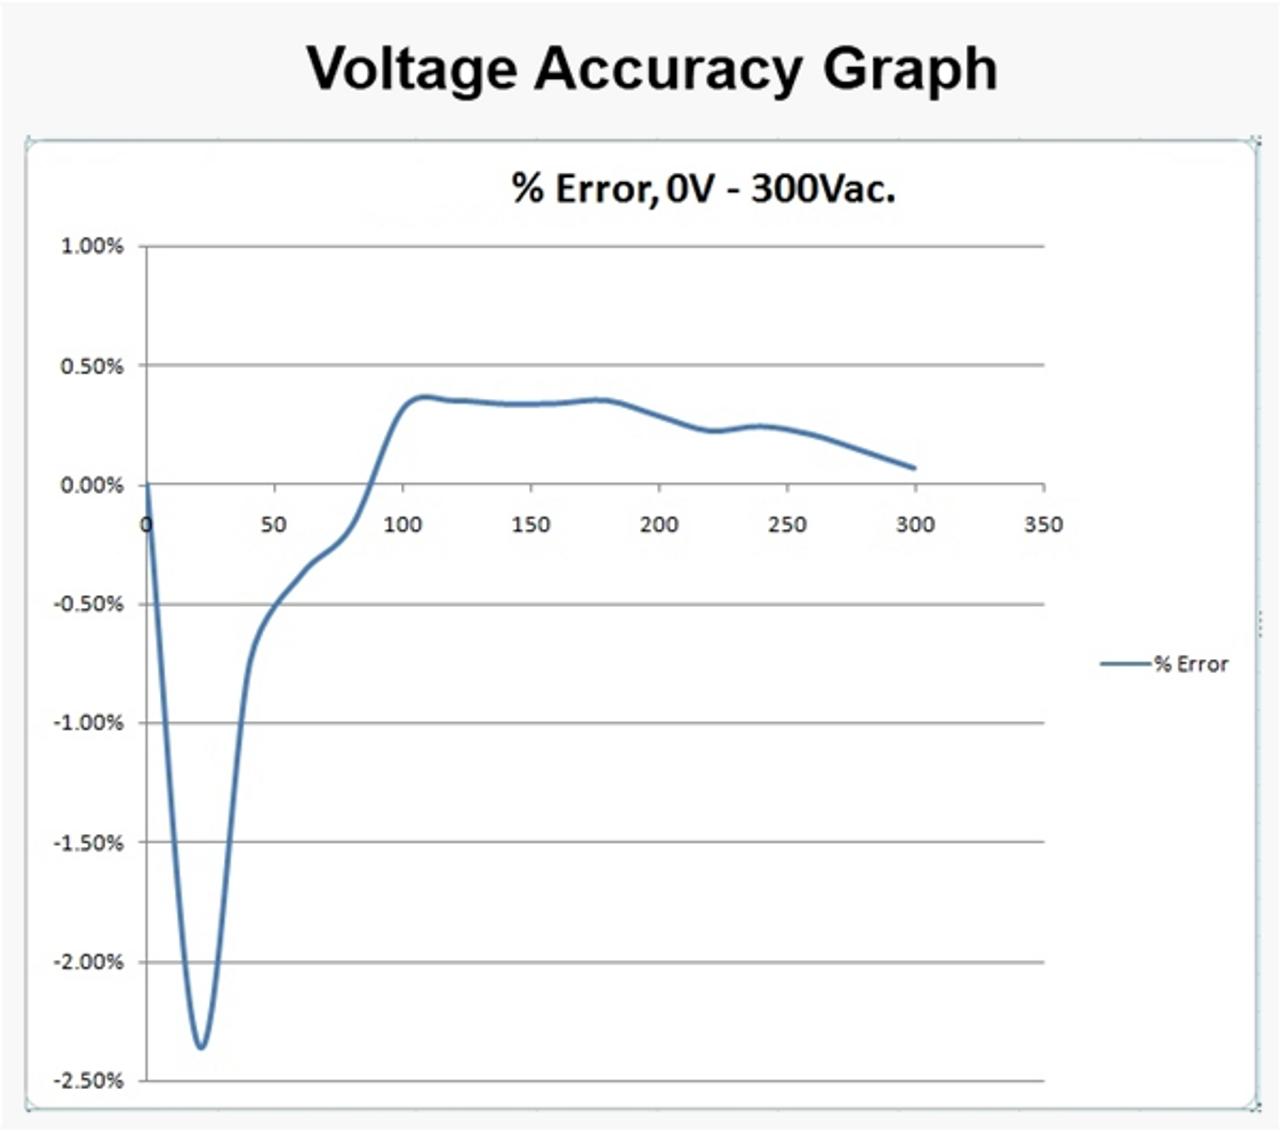 Electrocorder EC-7VAR-RS voltage accuracy graph.